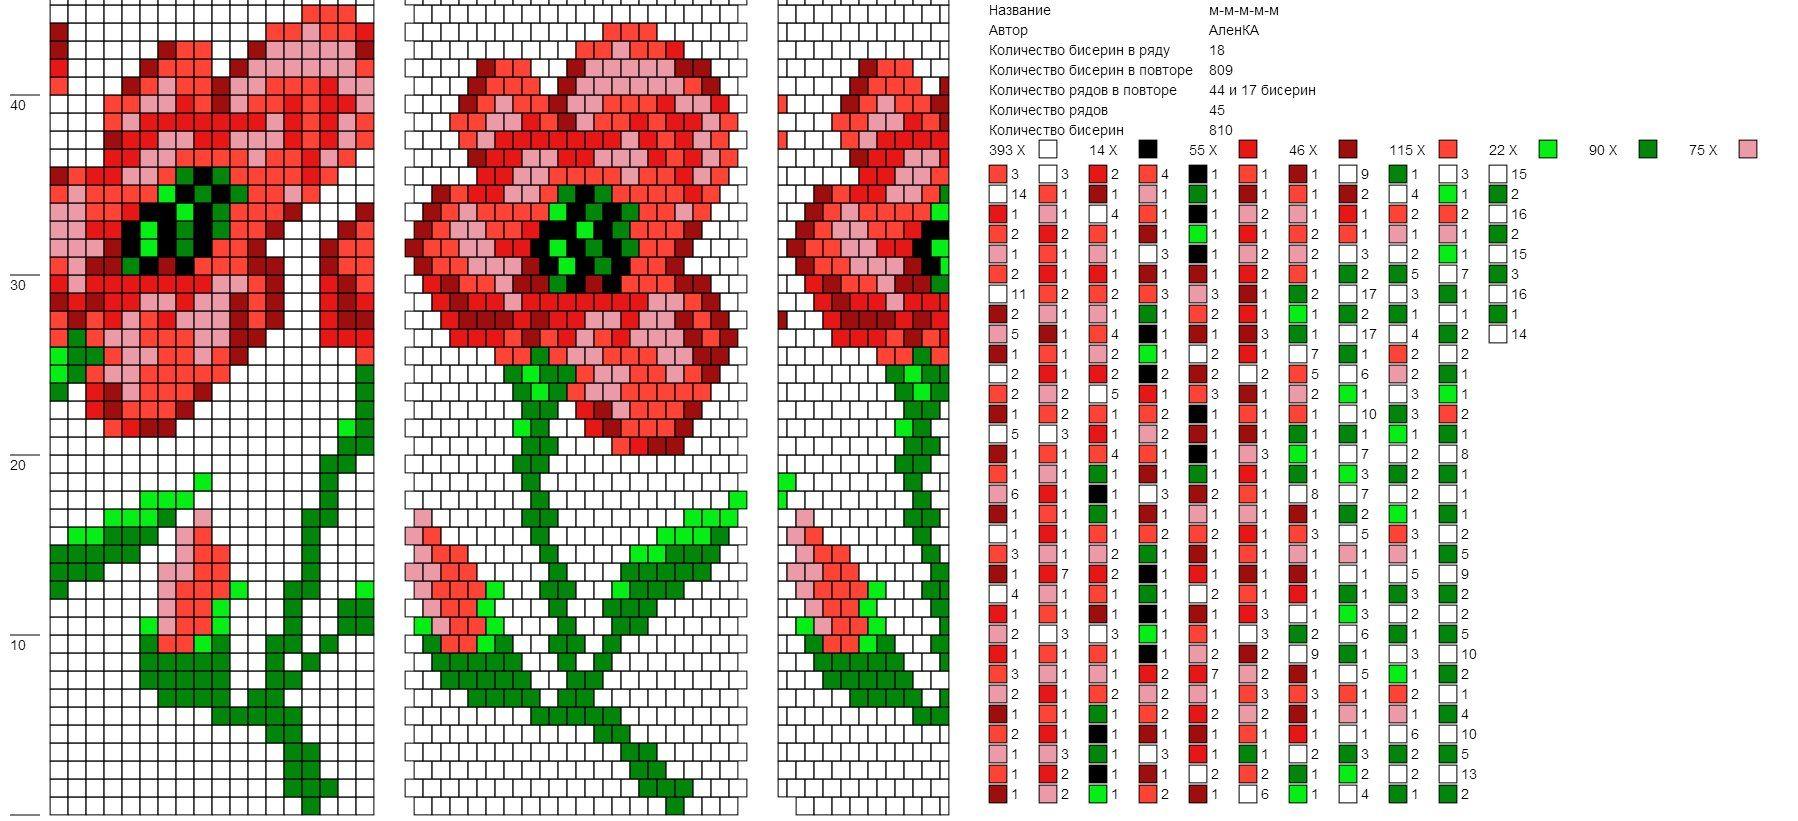 Жгуты из бисера схемы's photos – 5,696 photos | VK